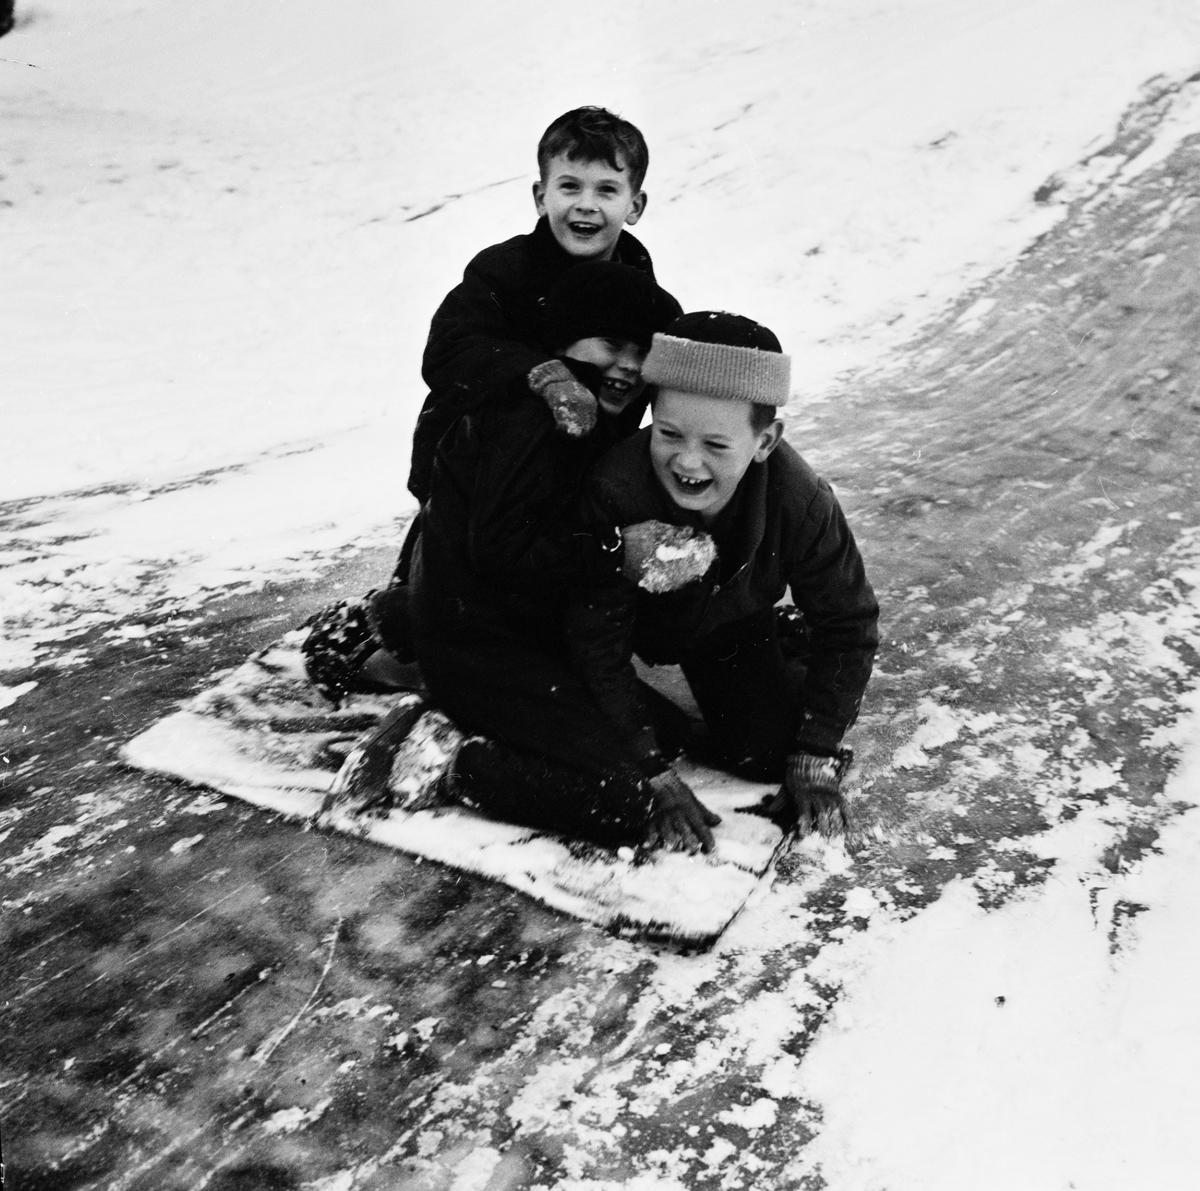 Barn åker kana, Uppsala januari 1962